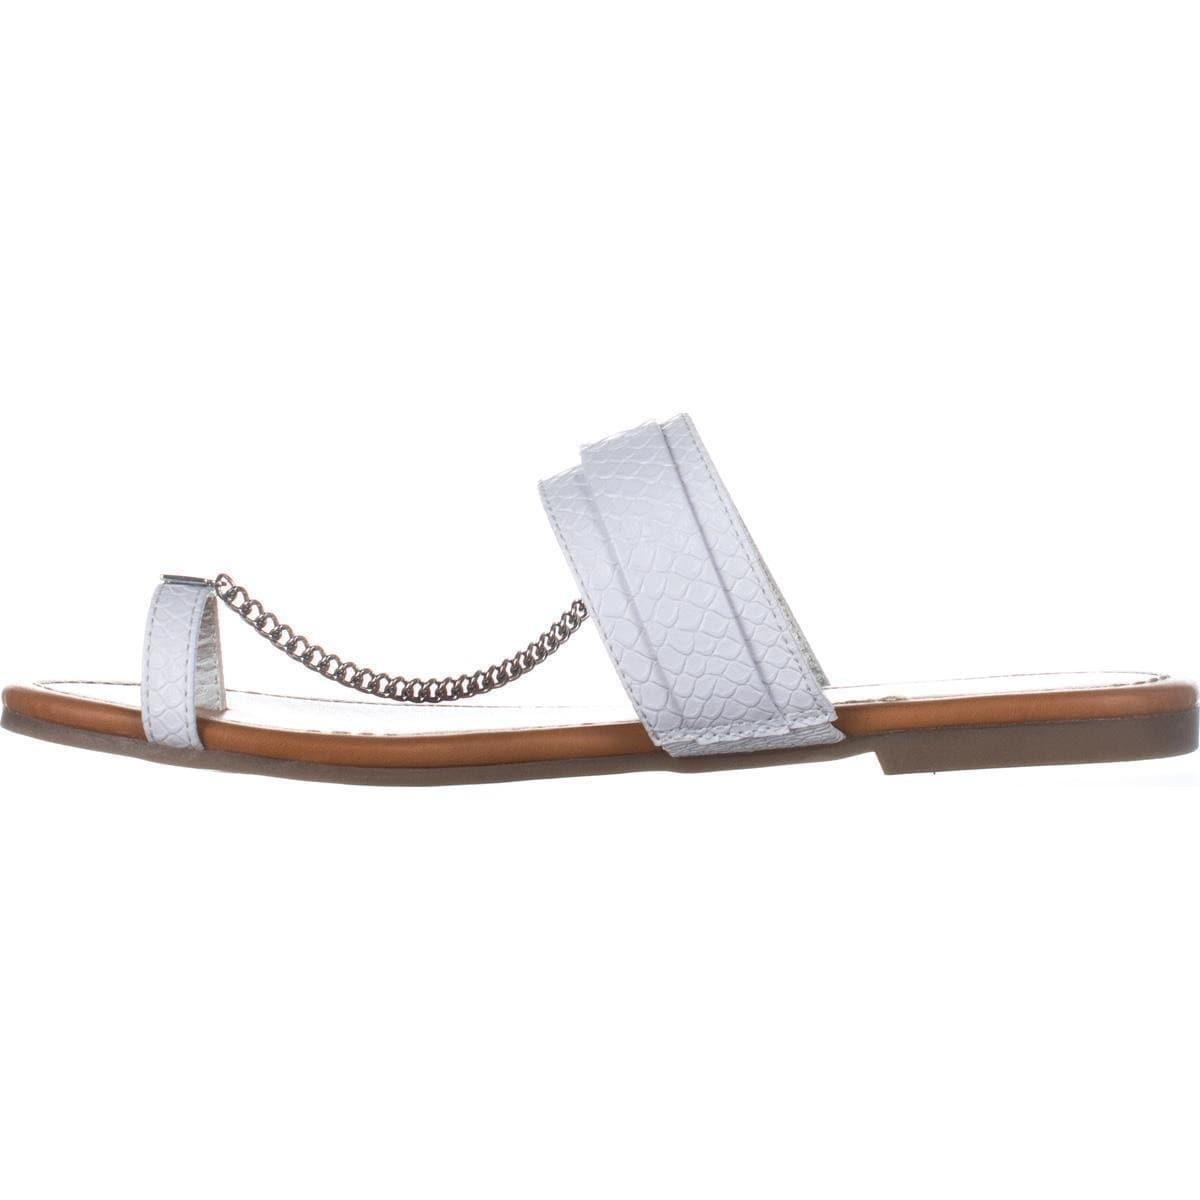 bf43b8c09f39 Flat Guess Women s Shoes